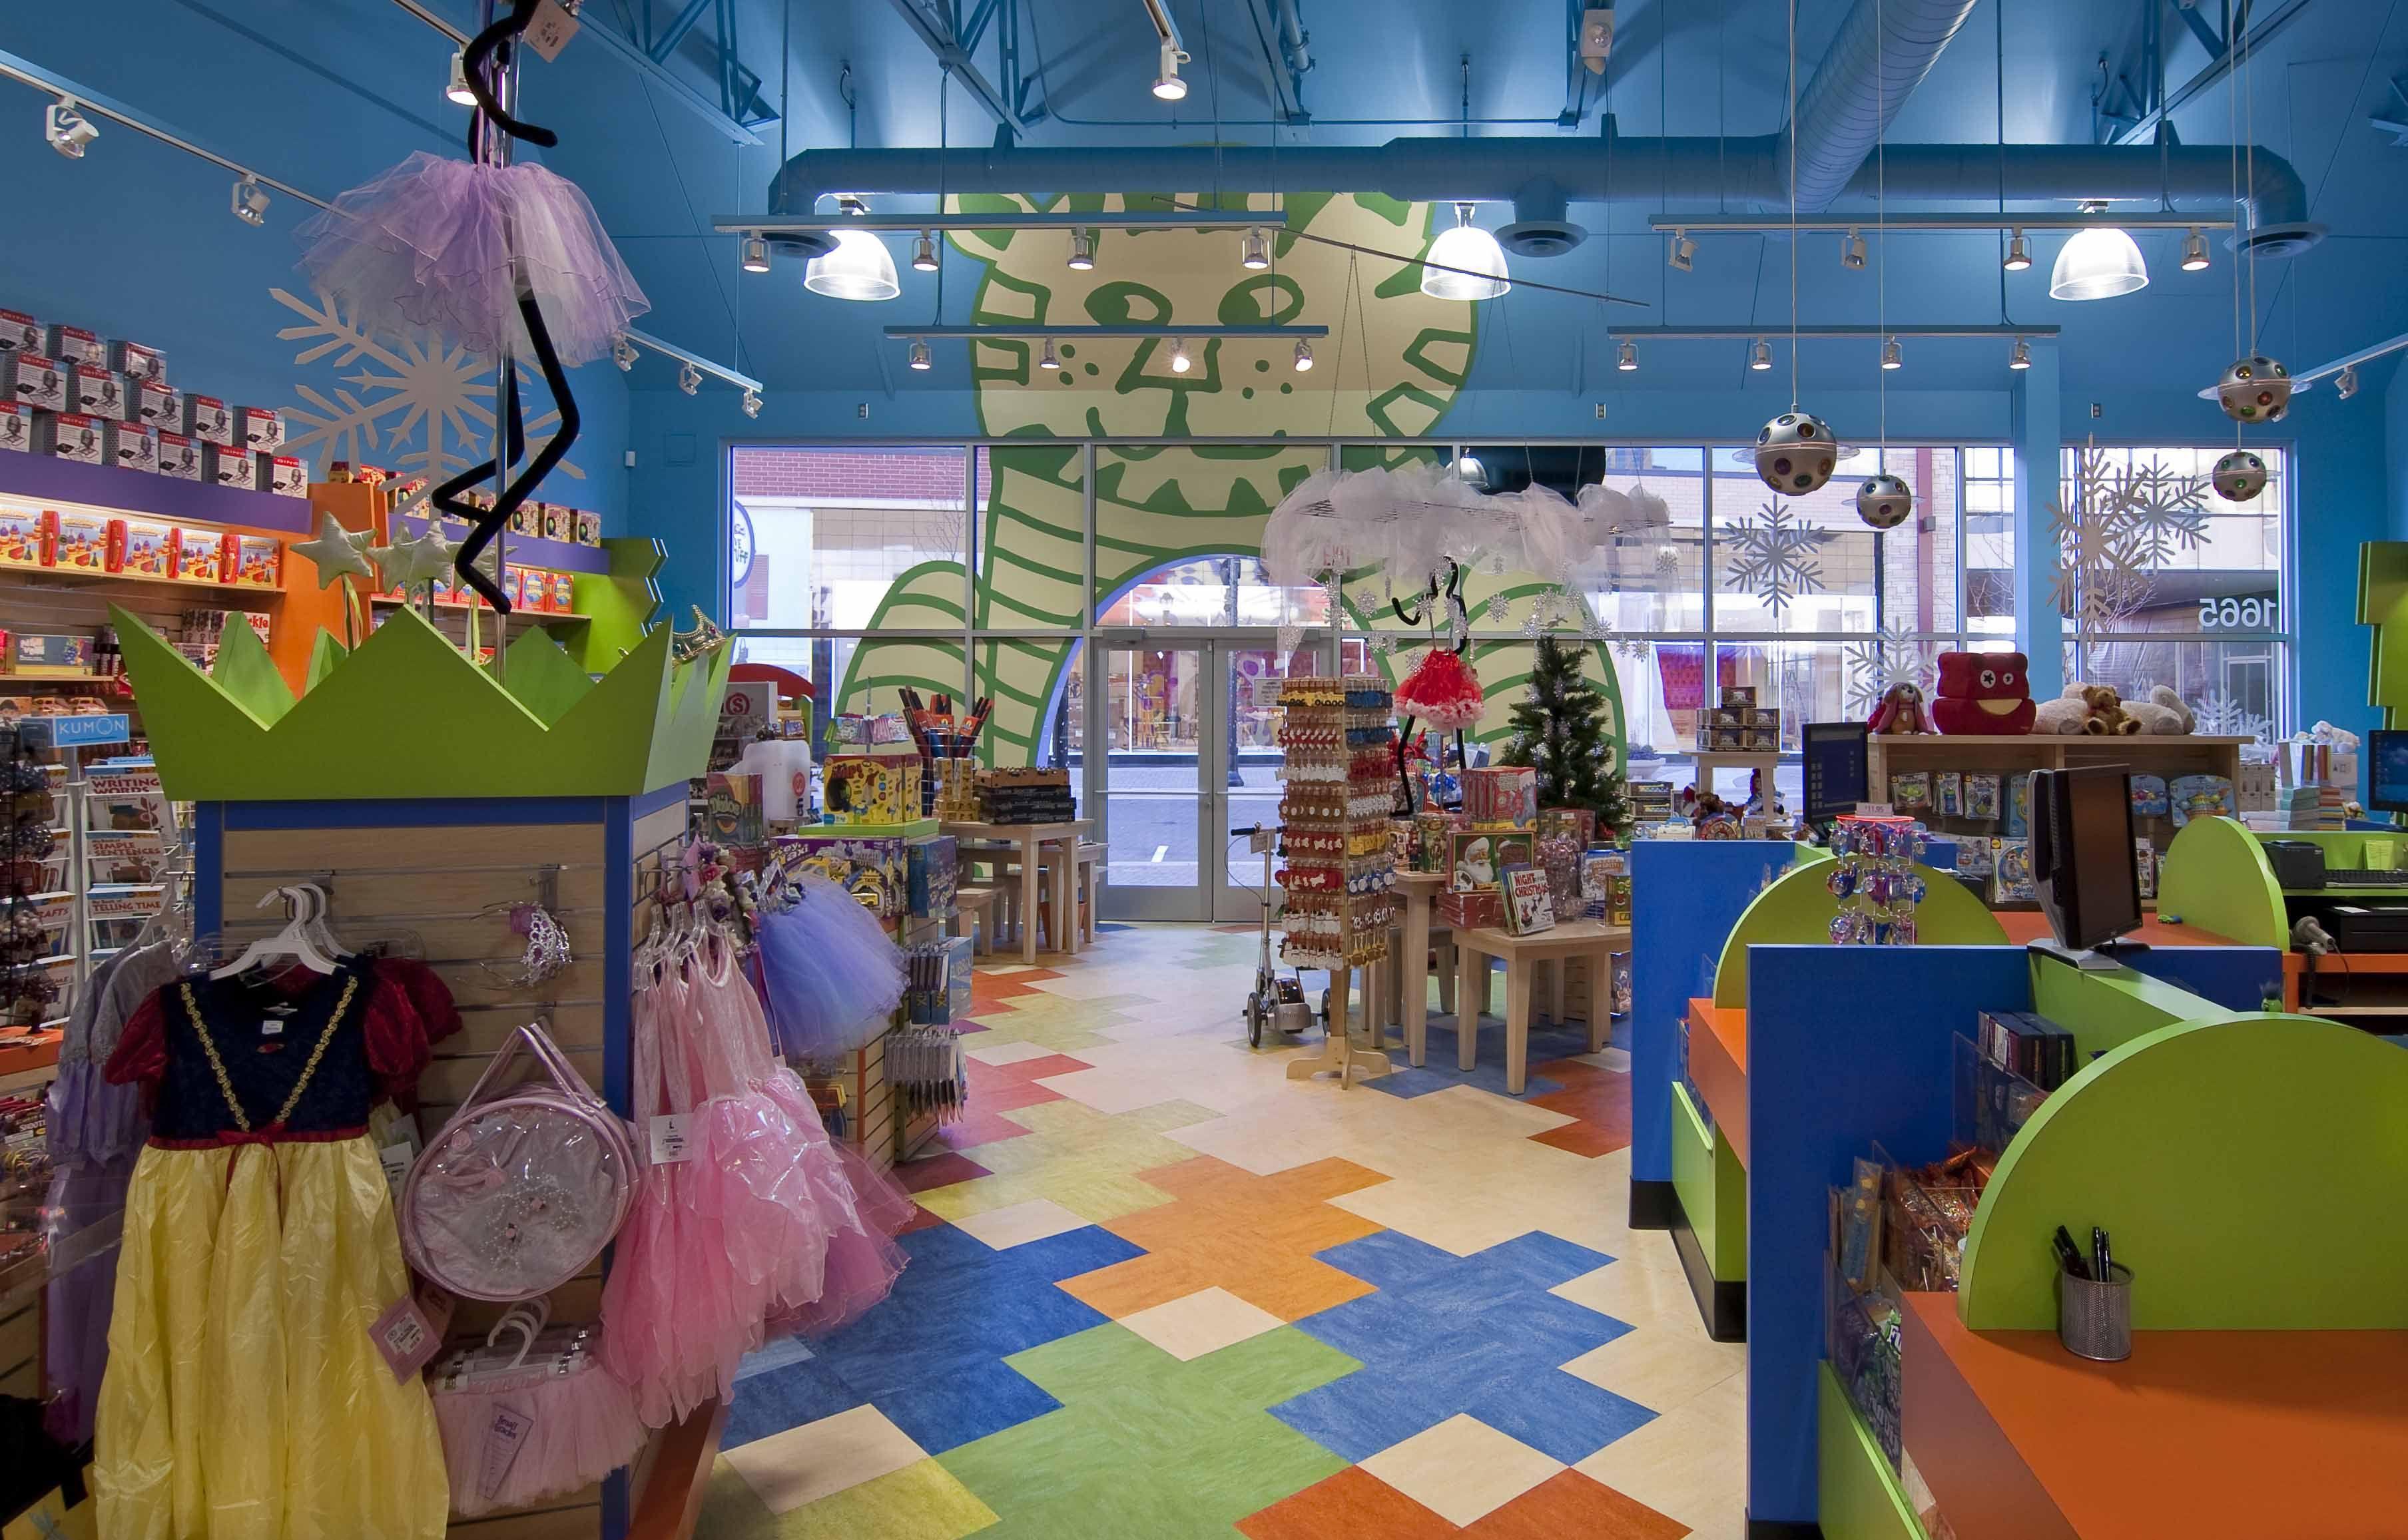 Creative kidstuff alliiance toy store design creative